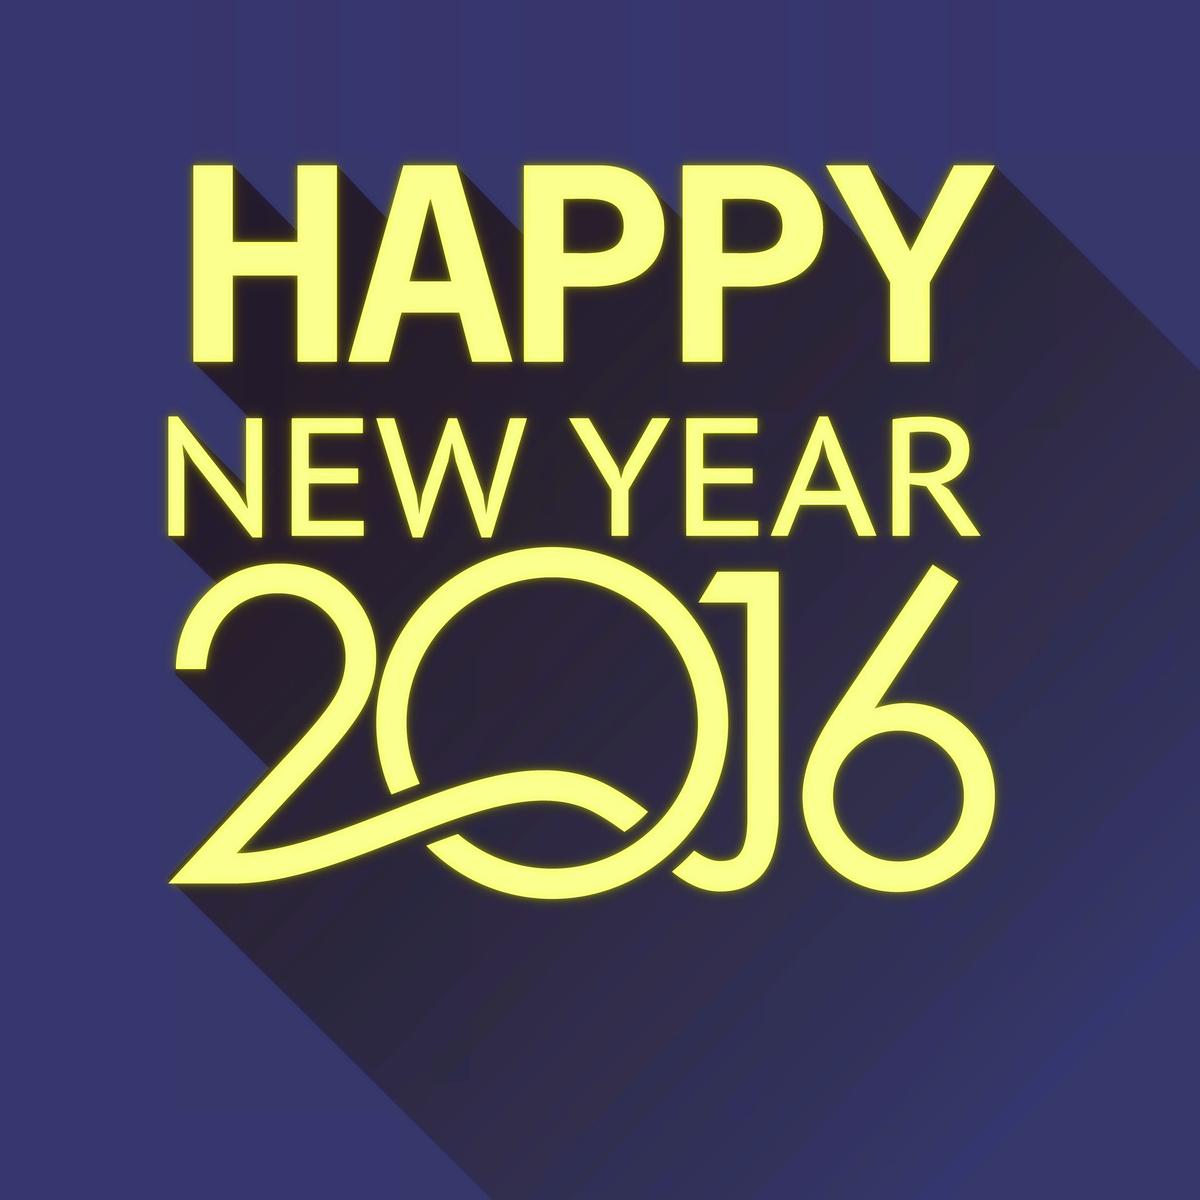 Kumpulan DP BBM Dan Meme Ucapan Selamat Tahun Baru 2016